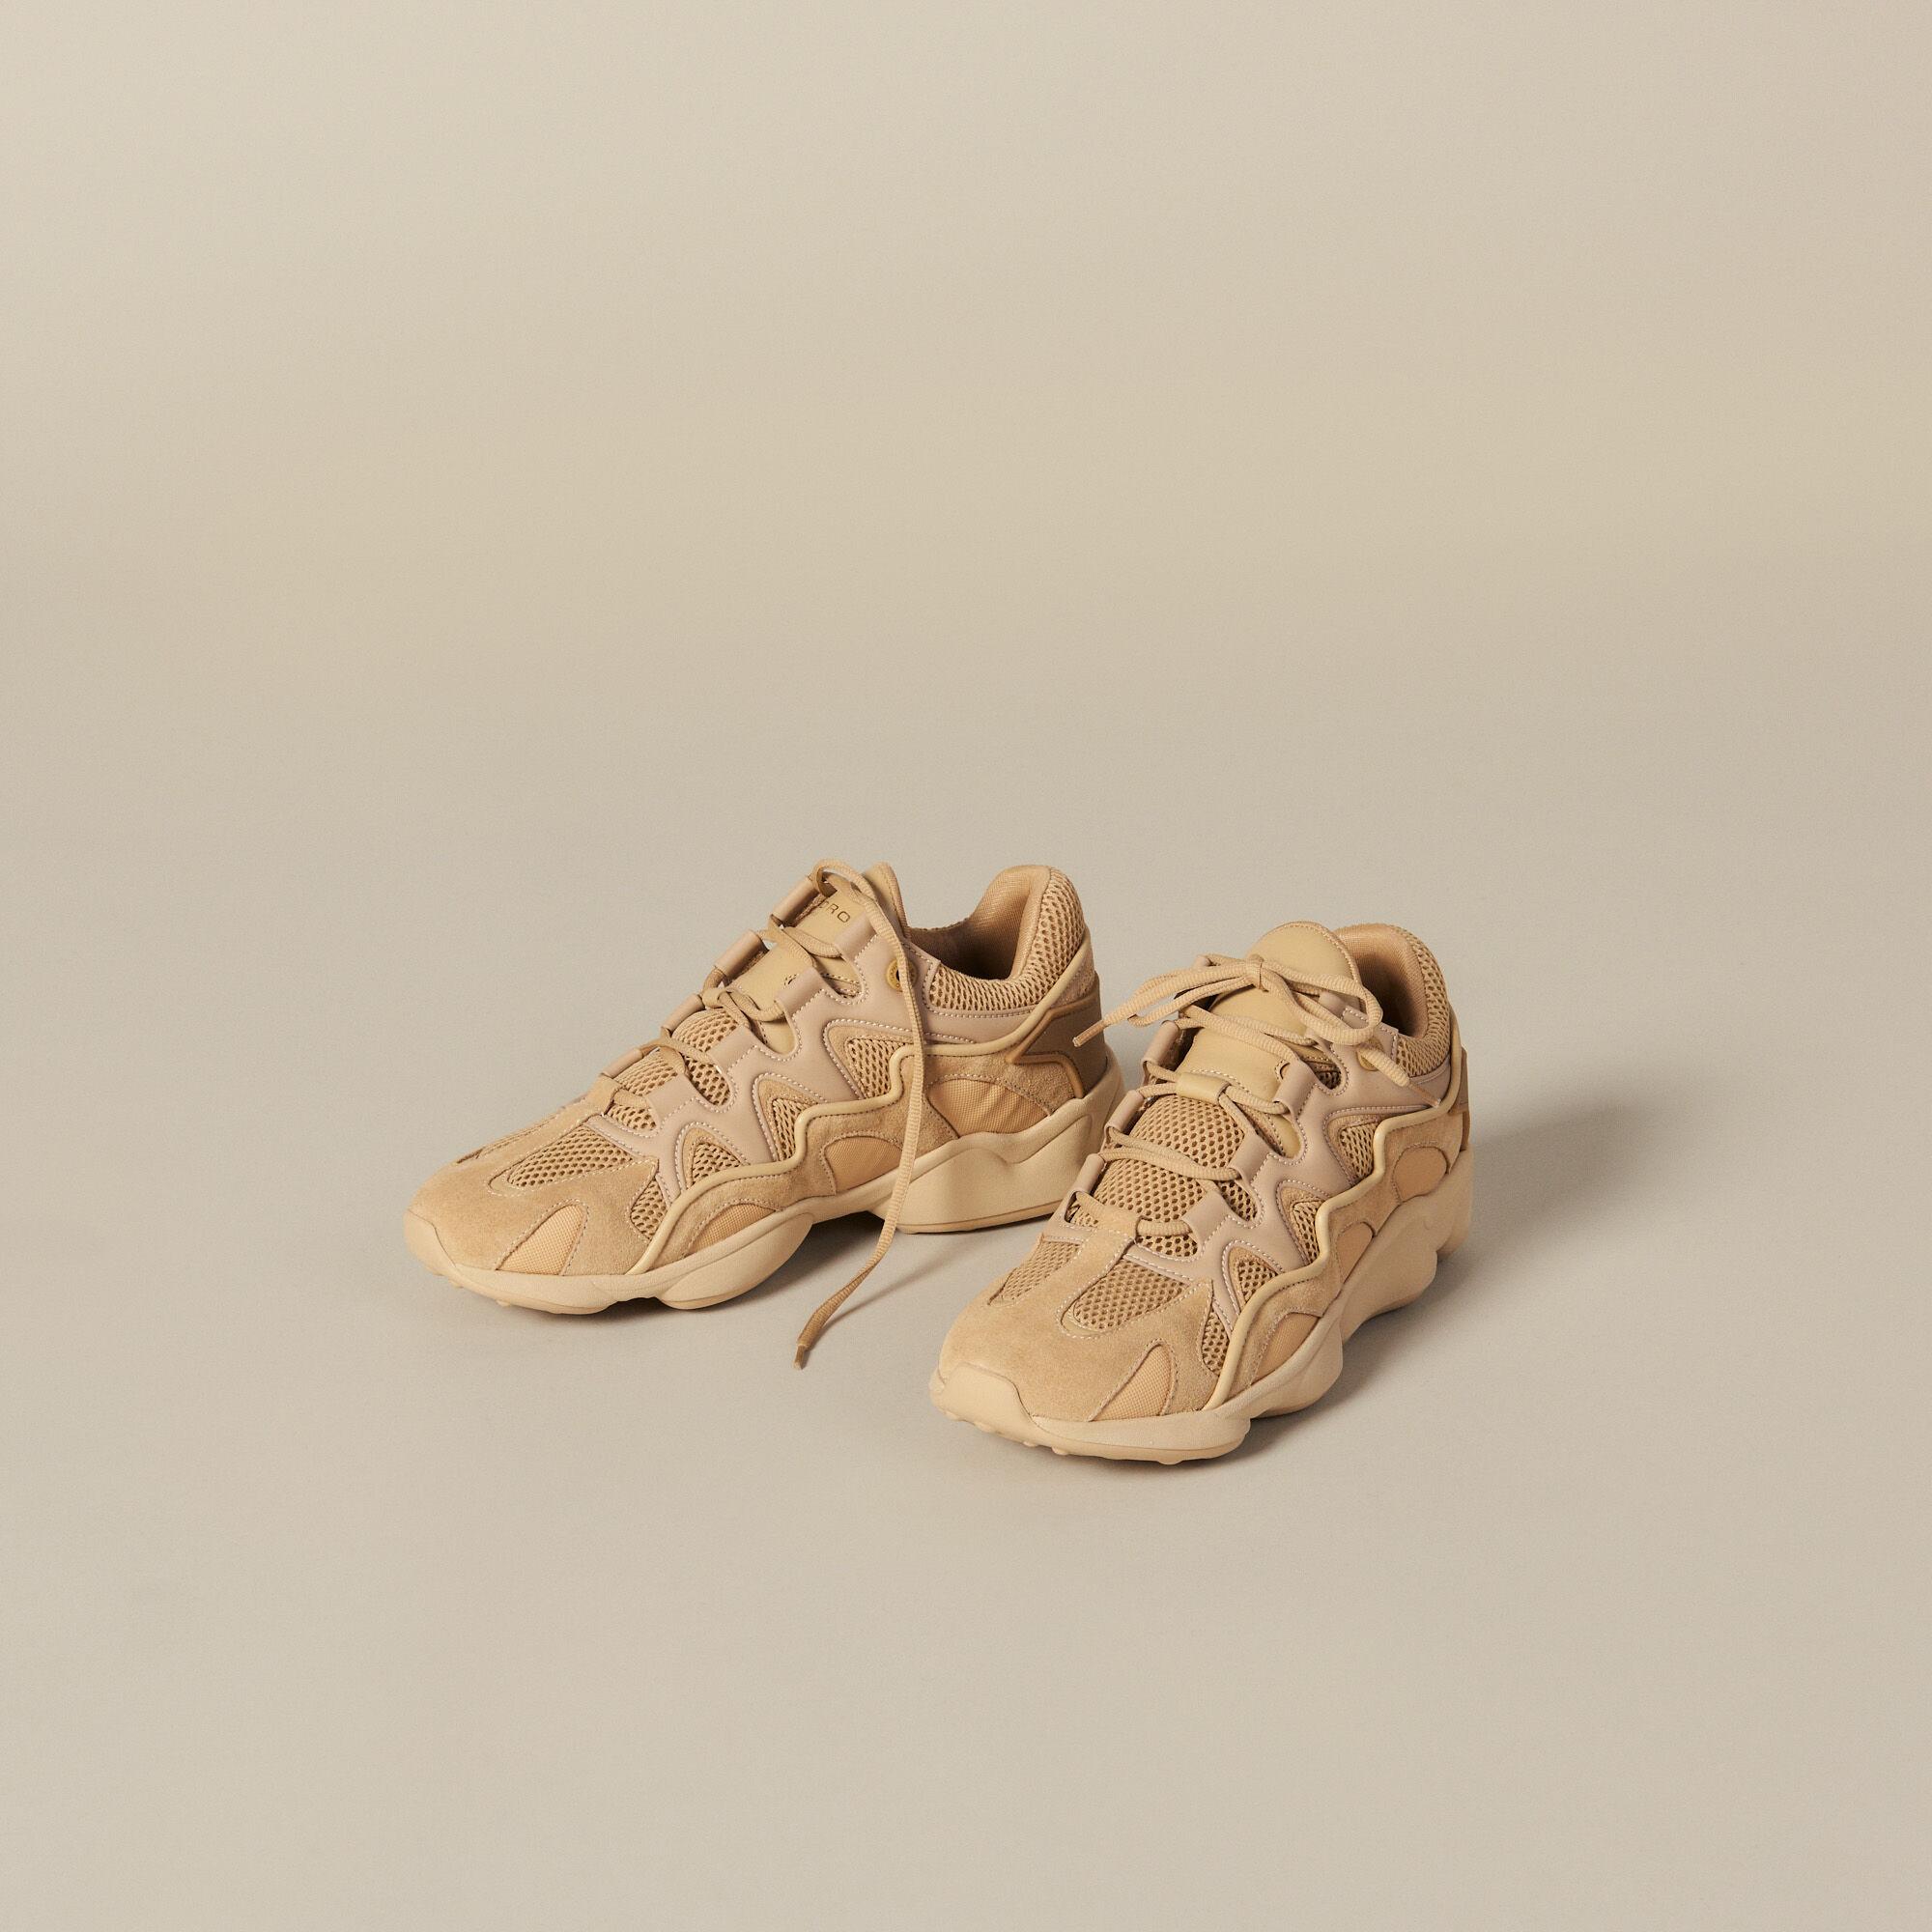 Paris Sandro Accesorios Zapatos Zapatos Para TF13clKJ